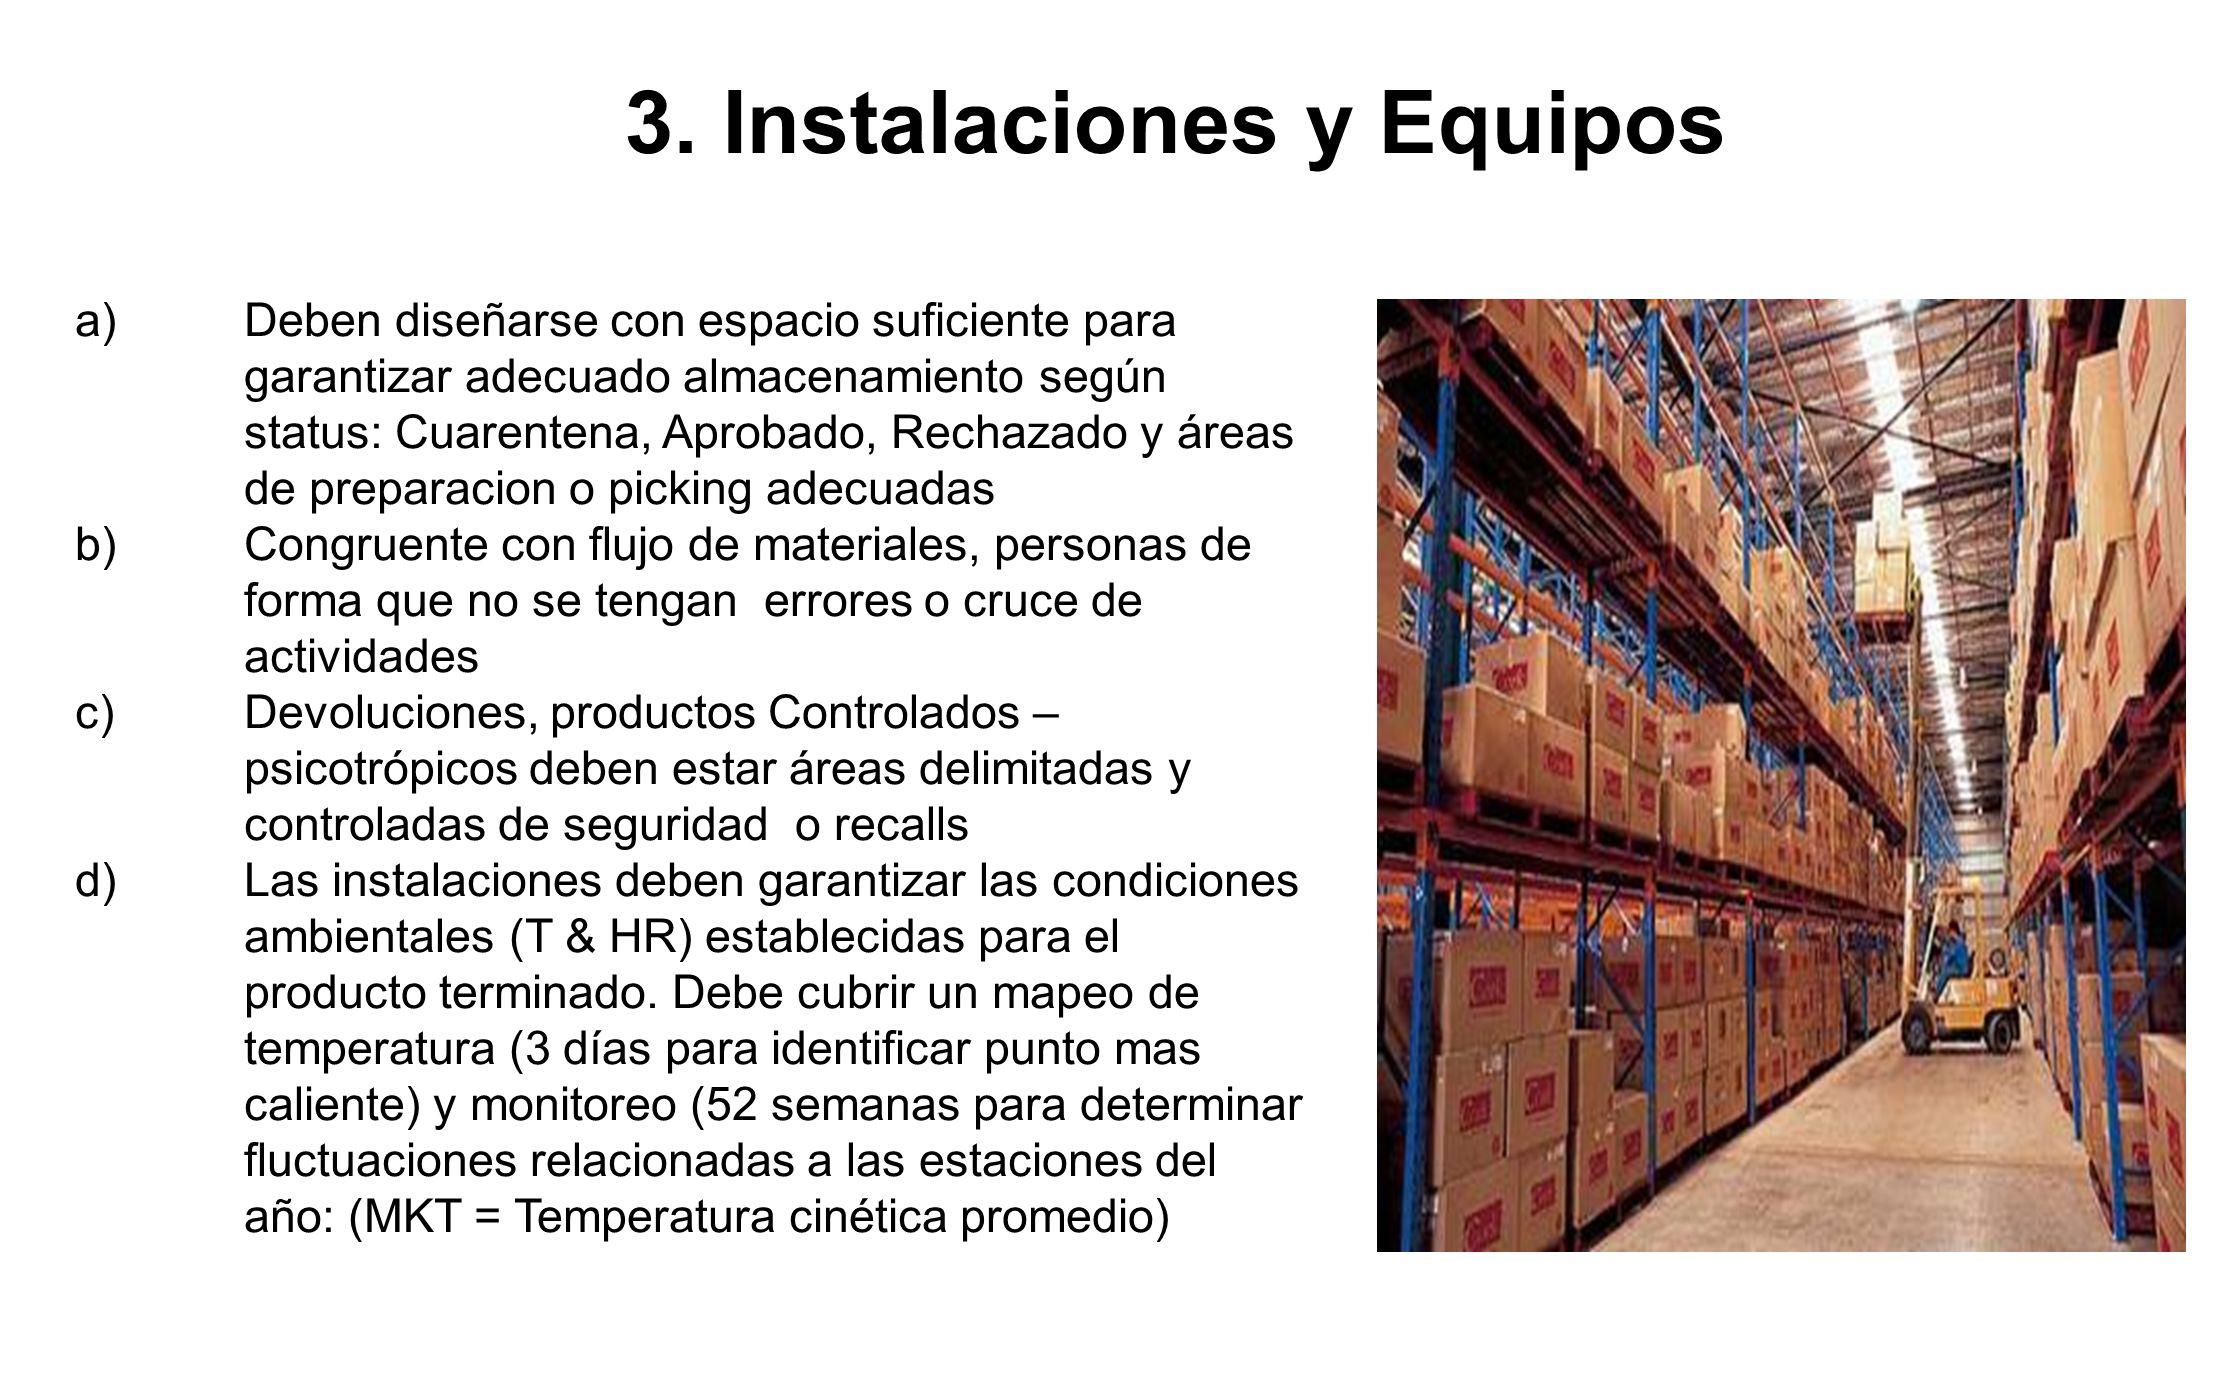 3. Instalaciones y Equipos